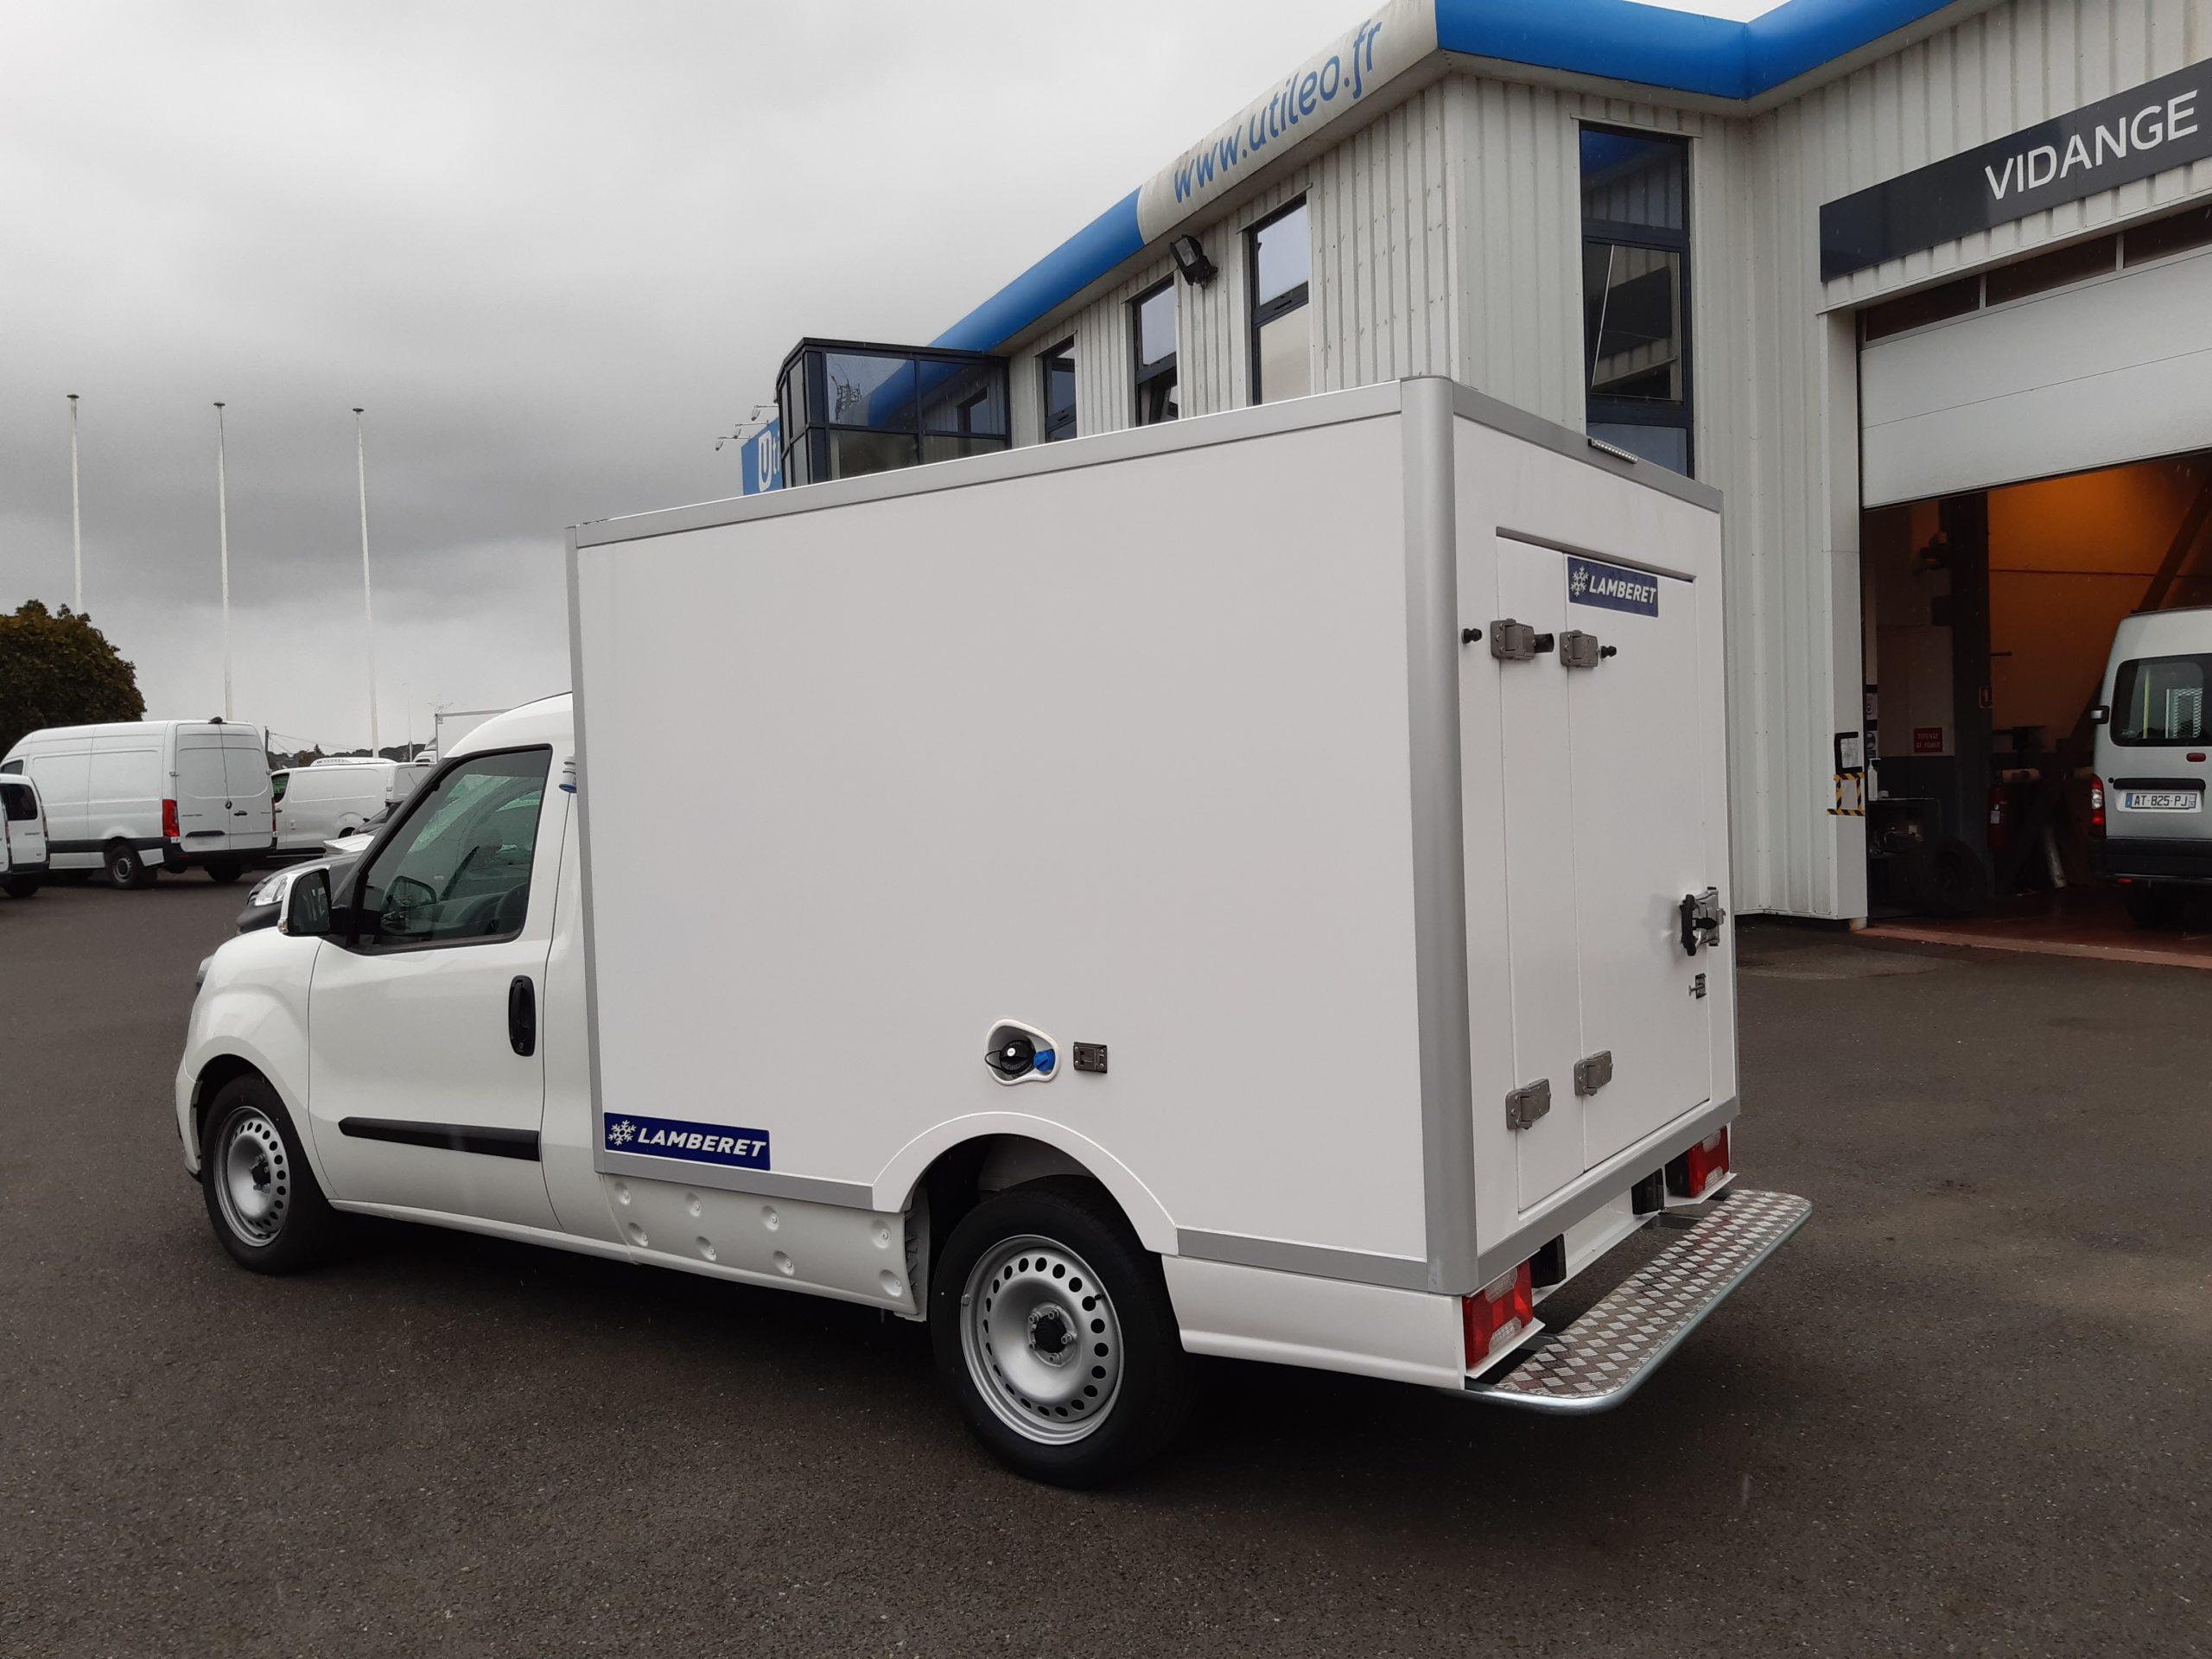 Location d'un utilitaire frigorifique plancher cabine 3m3 - Fiat Doblo Cargo -Vue4